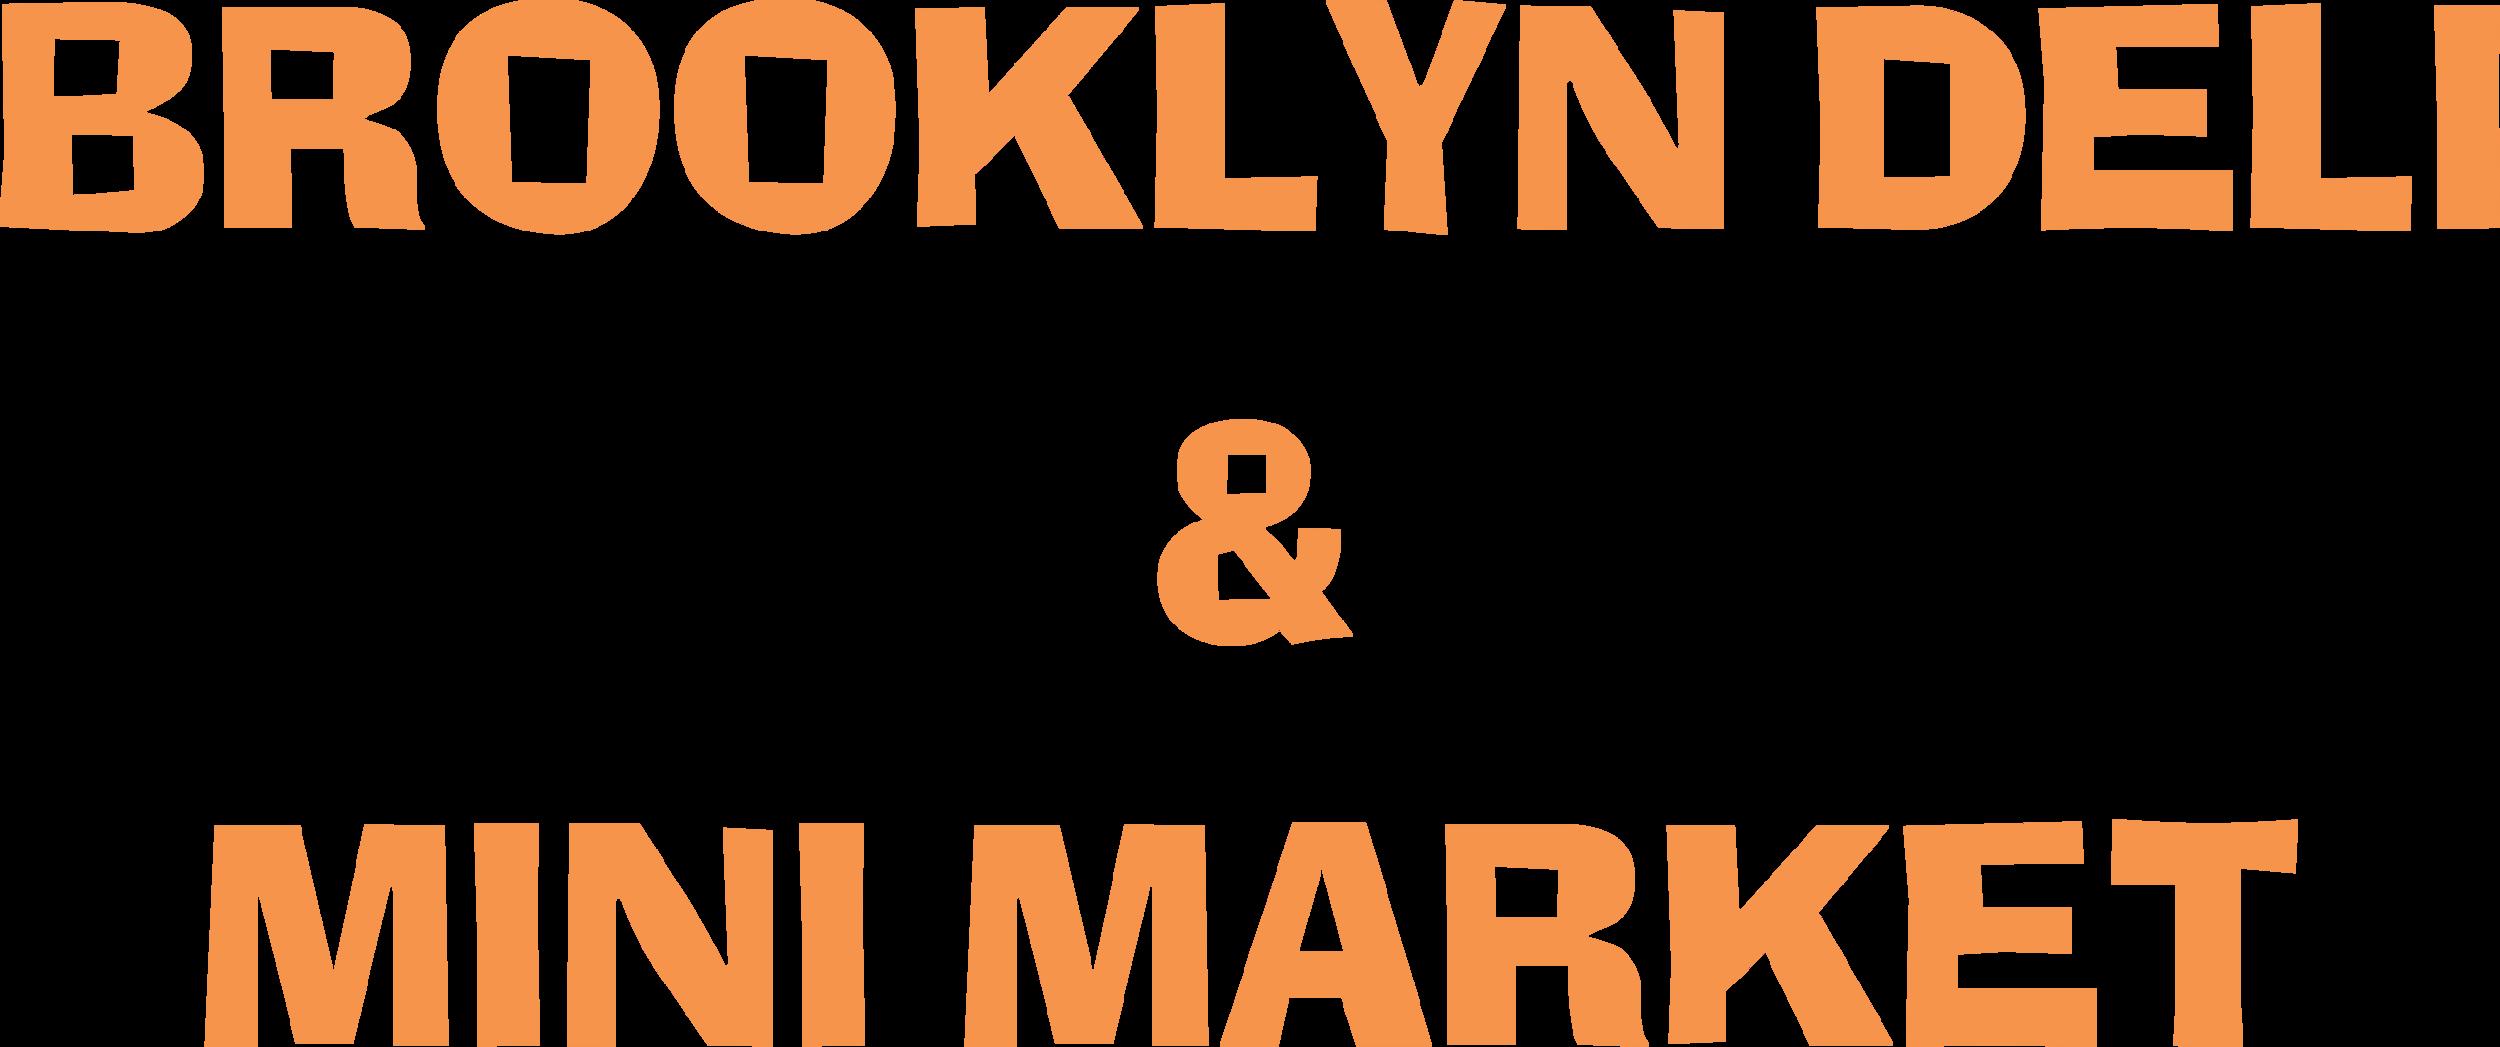 Brooklyn Deli Logo.png